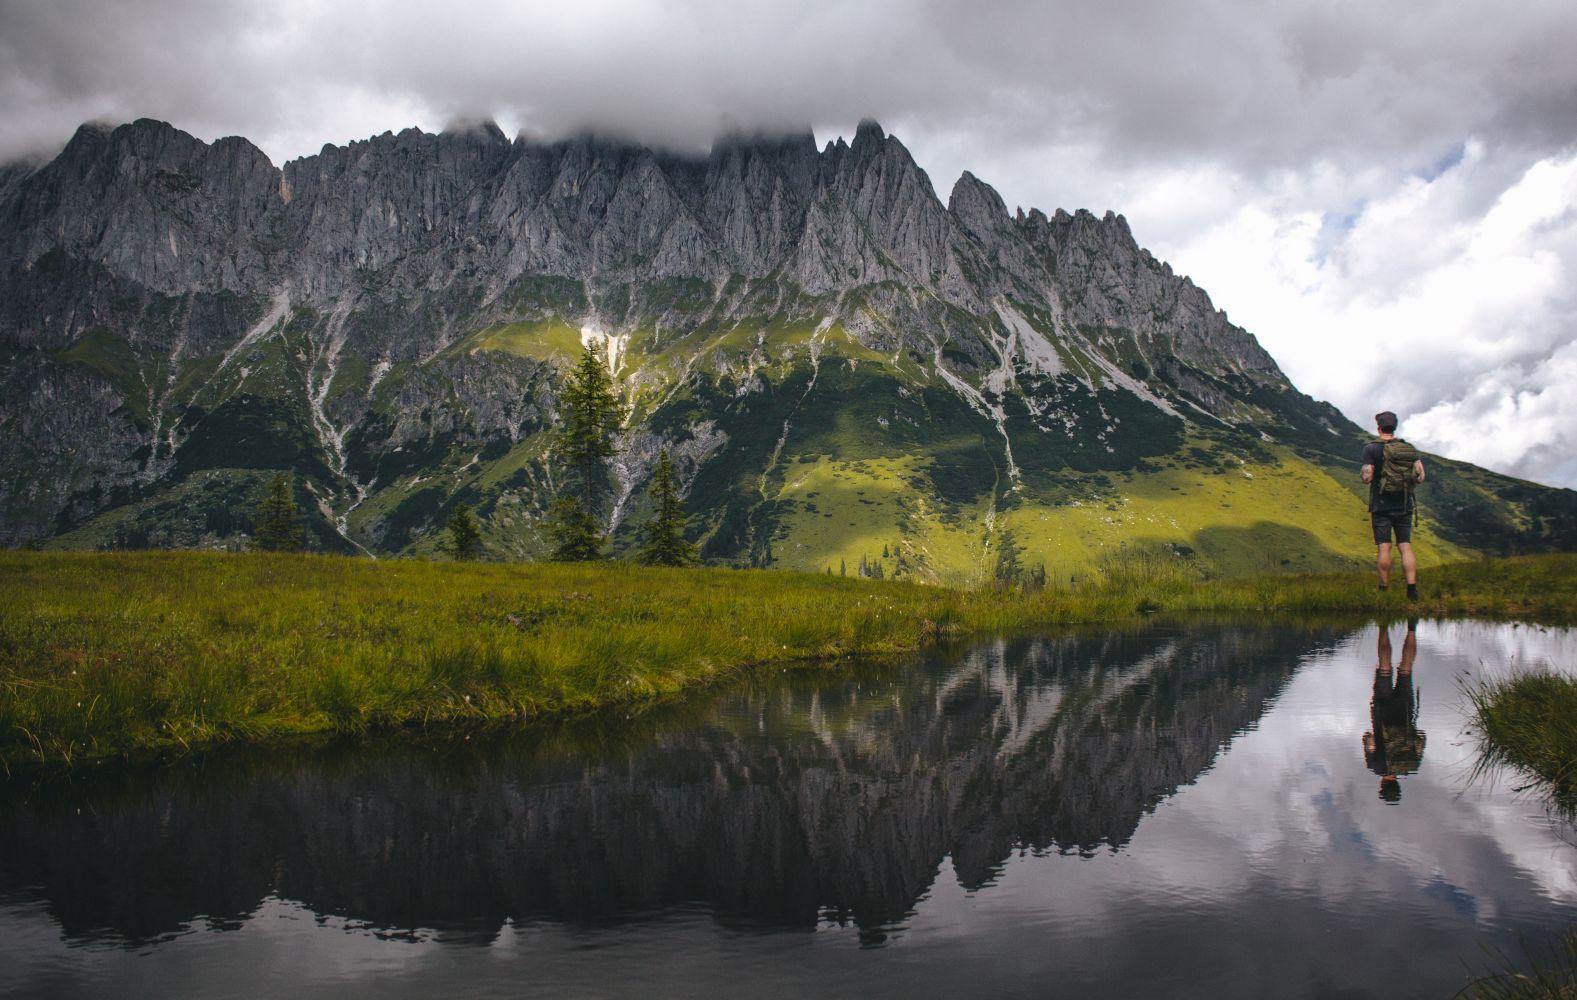 #2 Der Ausblick auf den Höchkönig vom Troiboden Bergsee